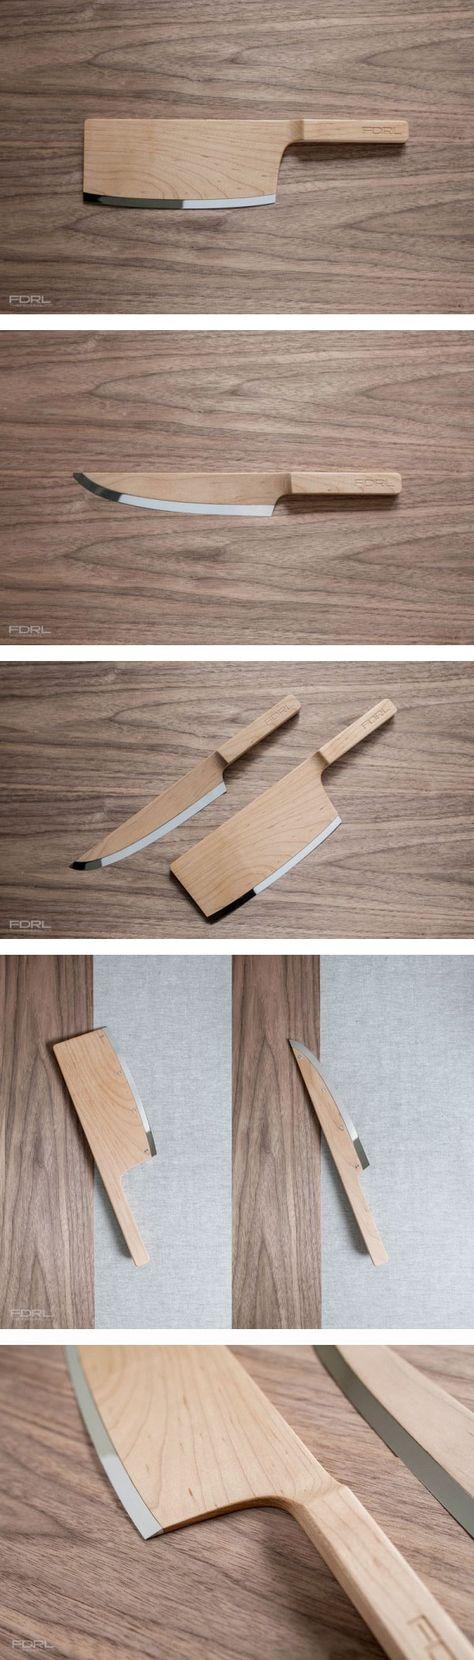 Cuchillos de diseño en madera